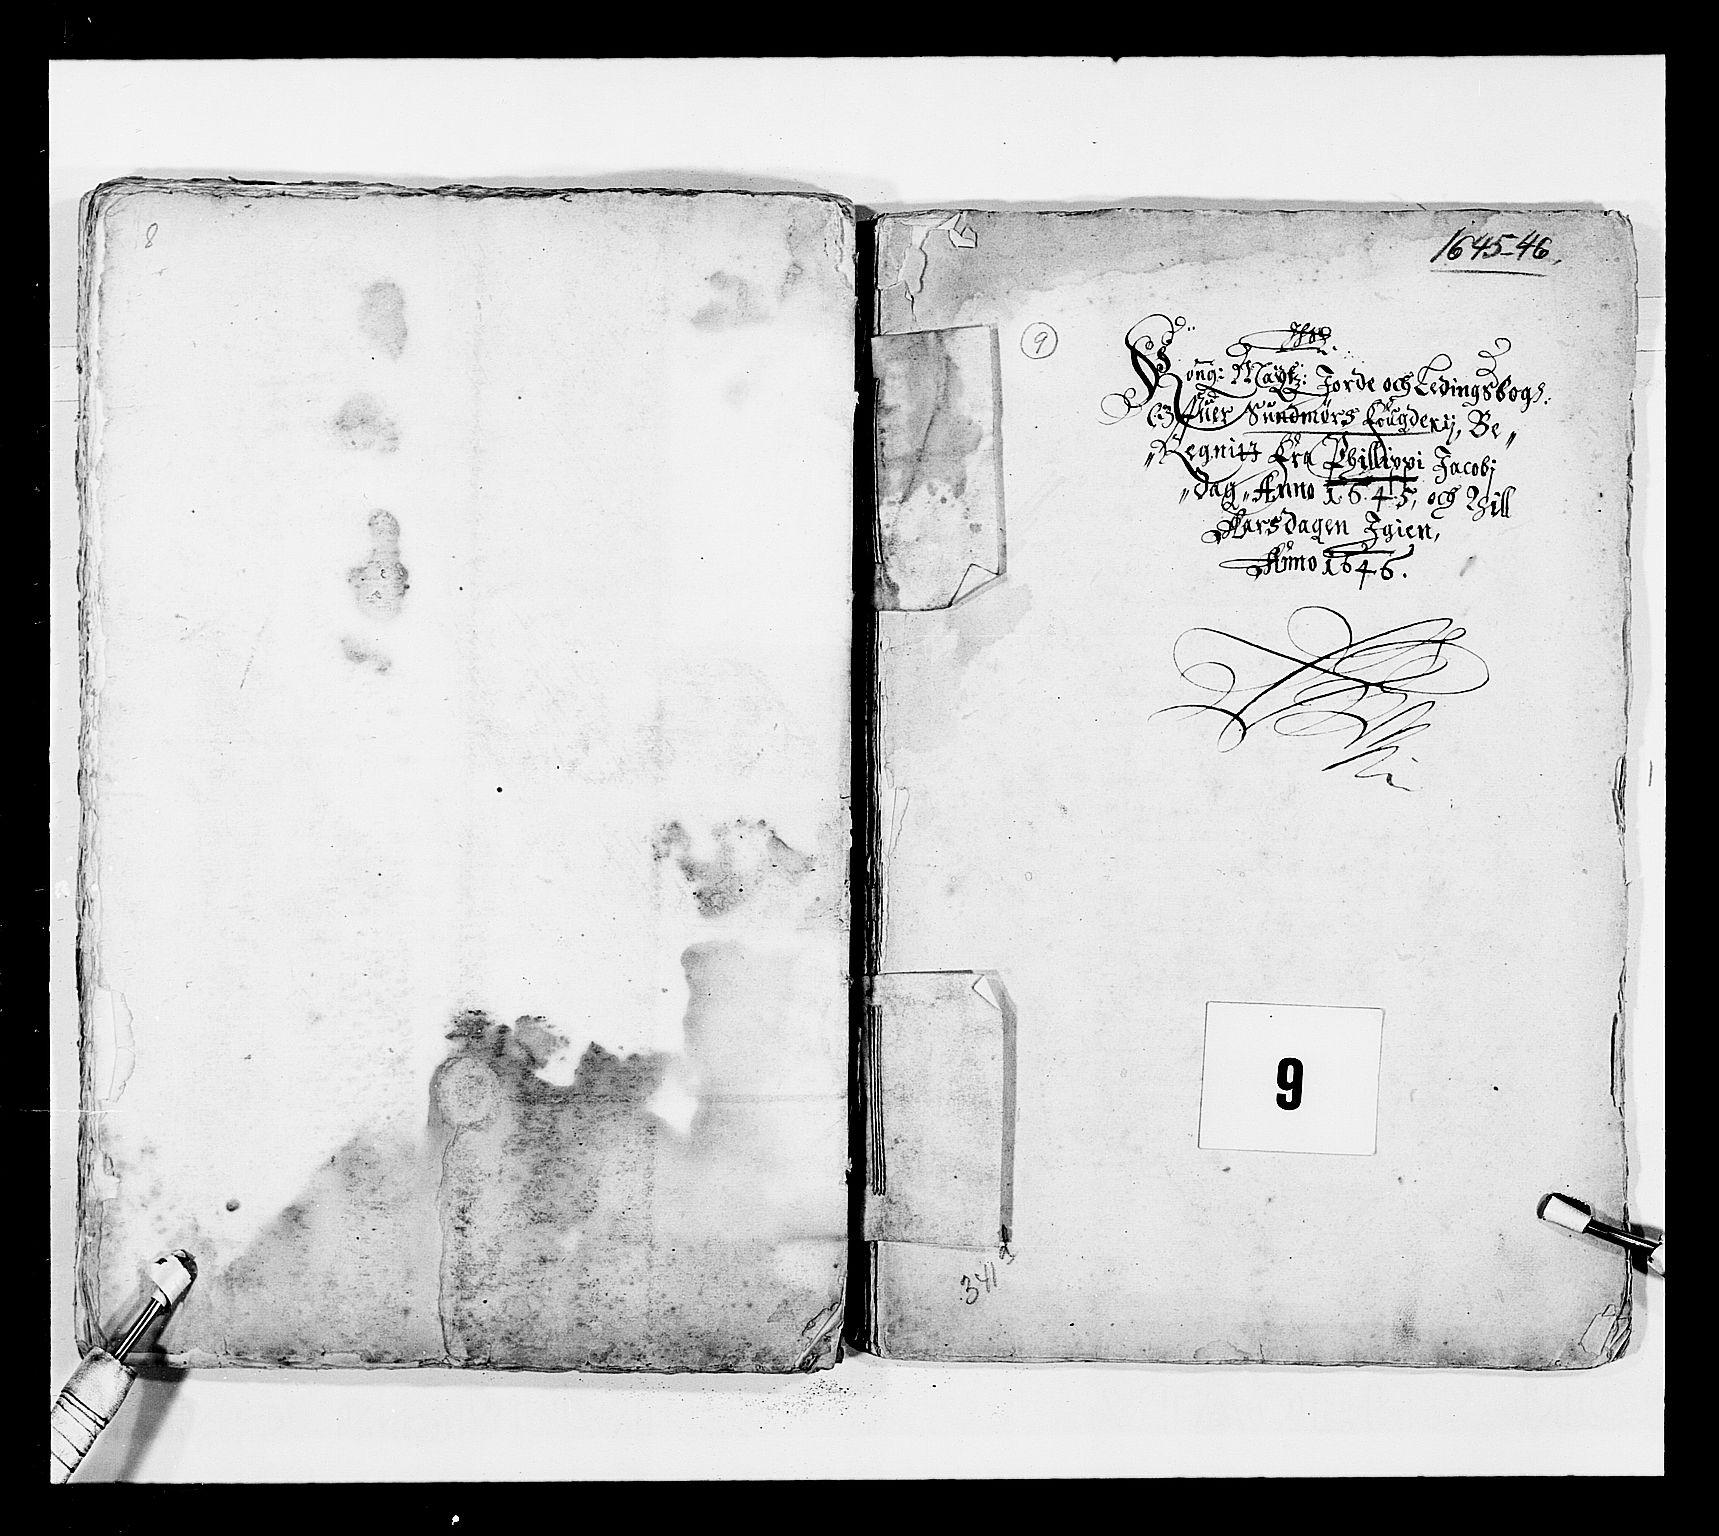 RA, Stattholderembetet 1572-1771, Ek/L0025: Jordebøker 1633-1658:, 1645-1646, s. 236